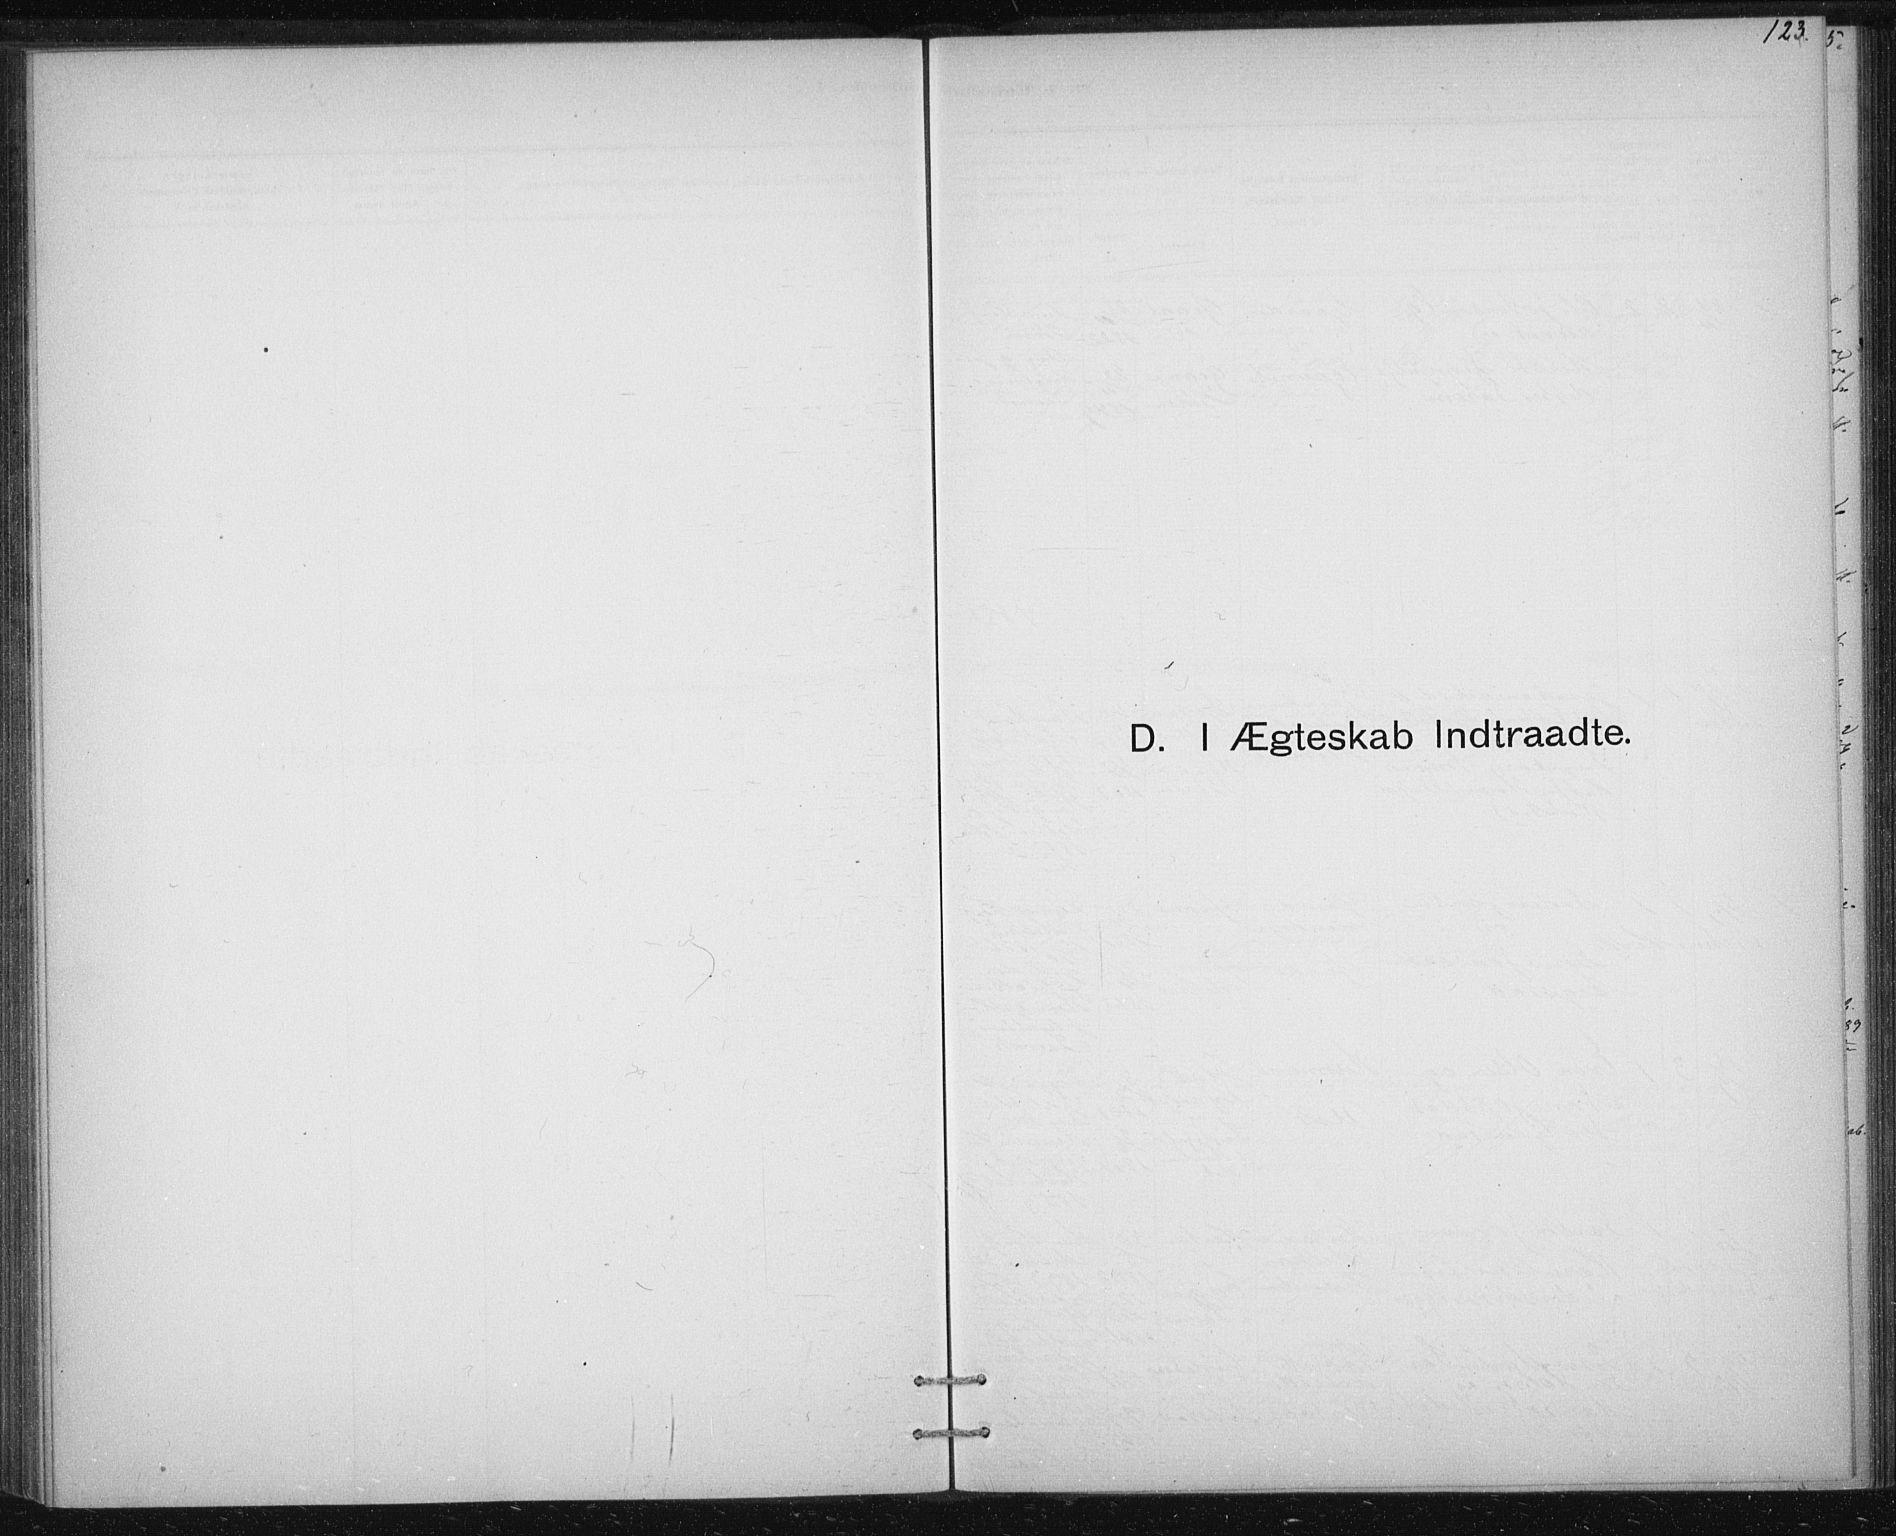 SAT, Ministerialprotokoller, klokkerbøker og fødselsregistre - Sør-Trøndelag, 613/L0392: Ministerialbok nr. 613A01, 1887-1906, s. 123